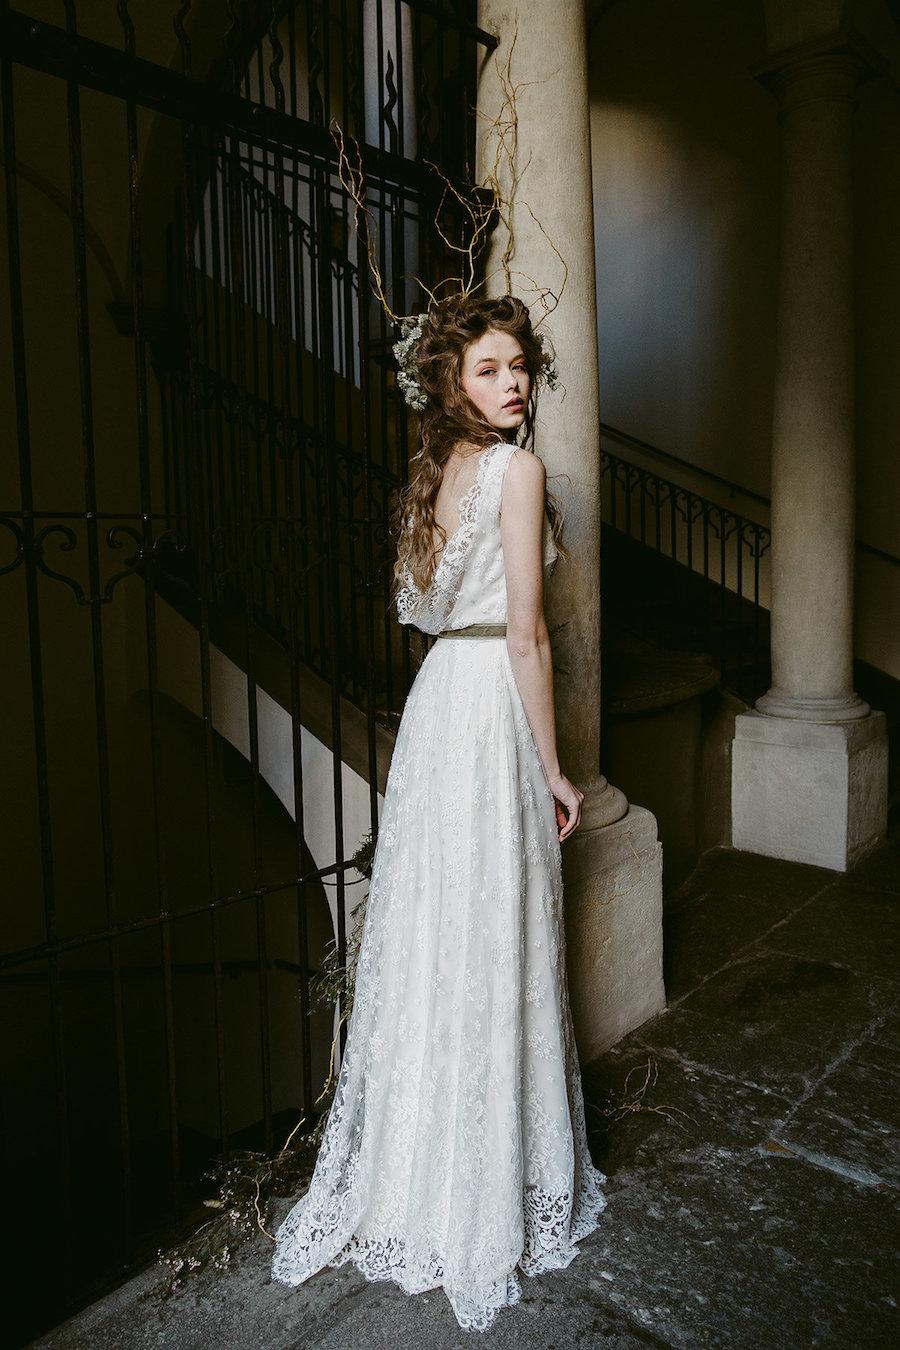 maura brandino sposa 2018